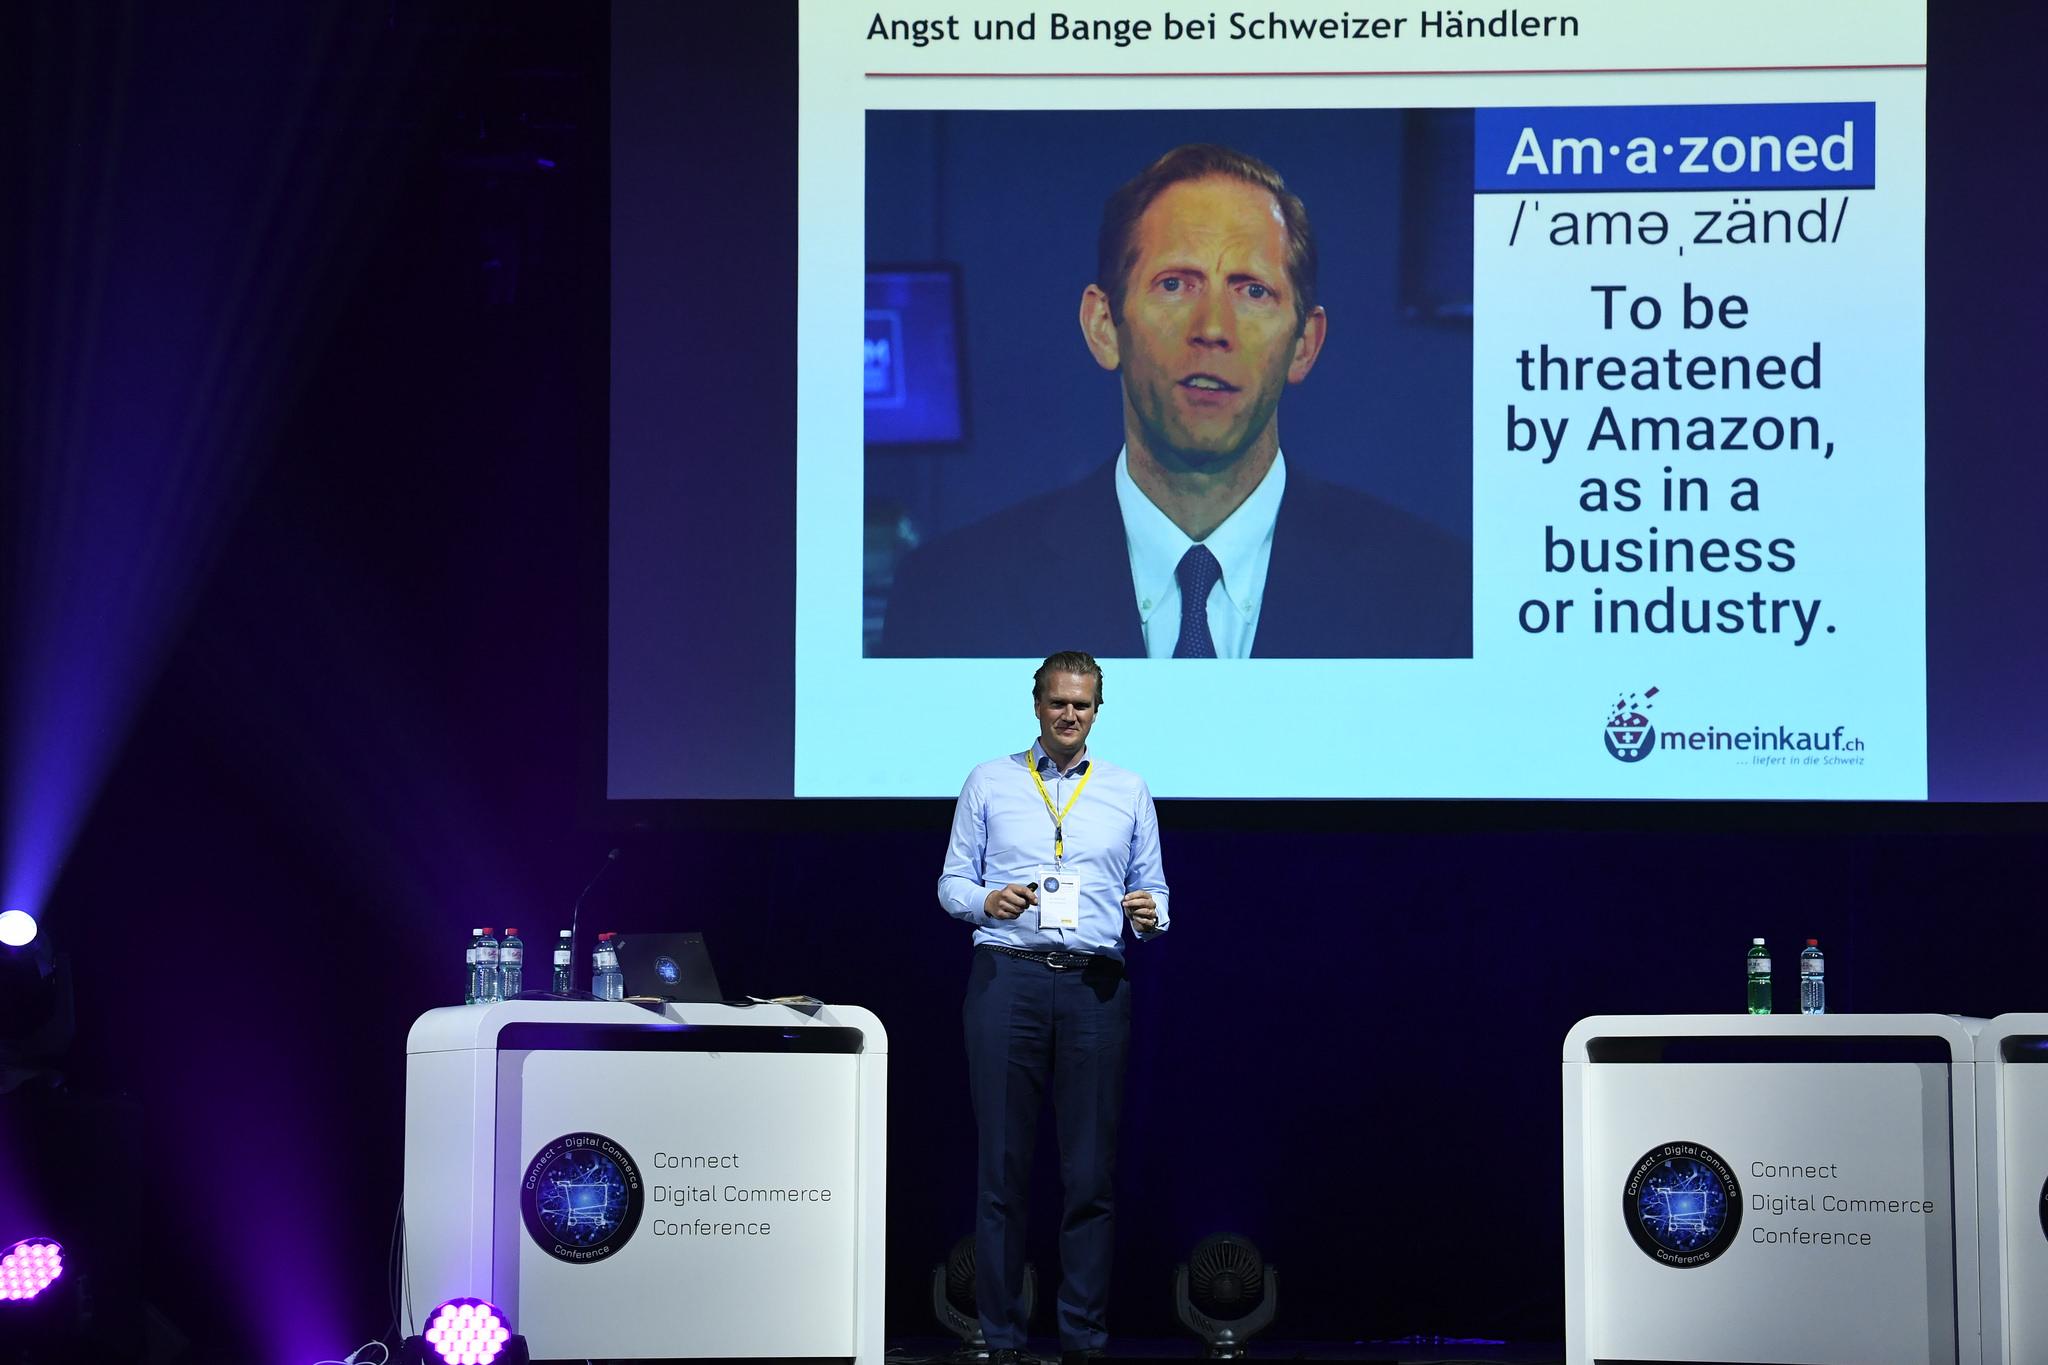 Dr. Jan Bomholt, CEO meinEinkauf.ch - an der Connect - Digital Commerce Conference 23. Mai 2018 in Zürich